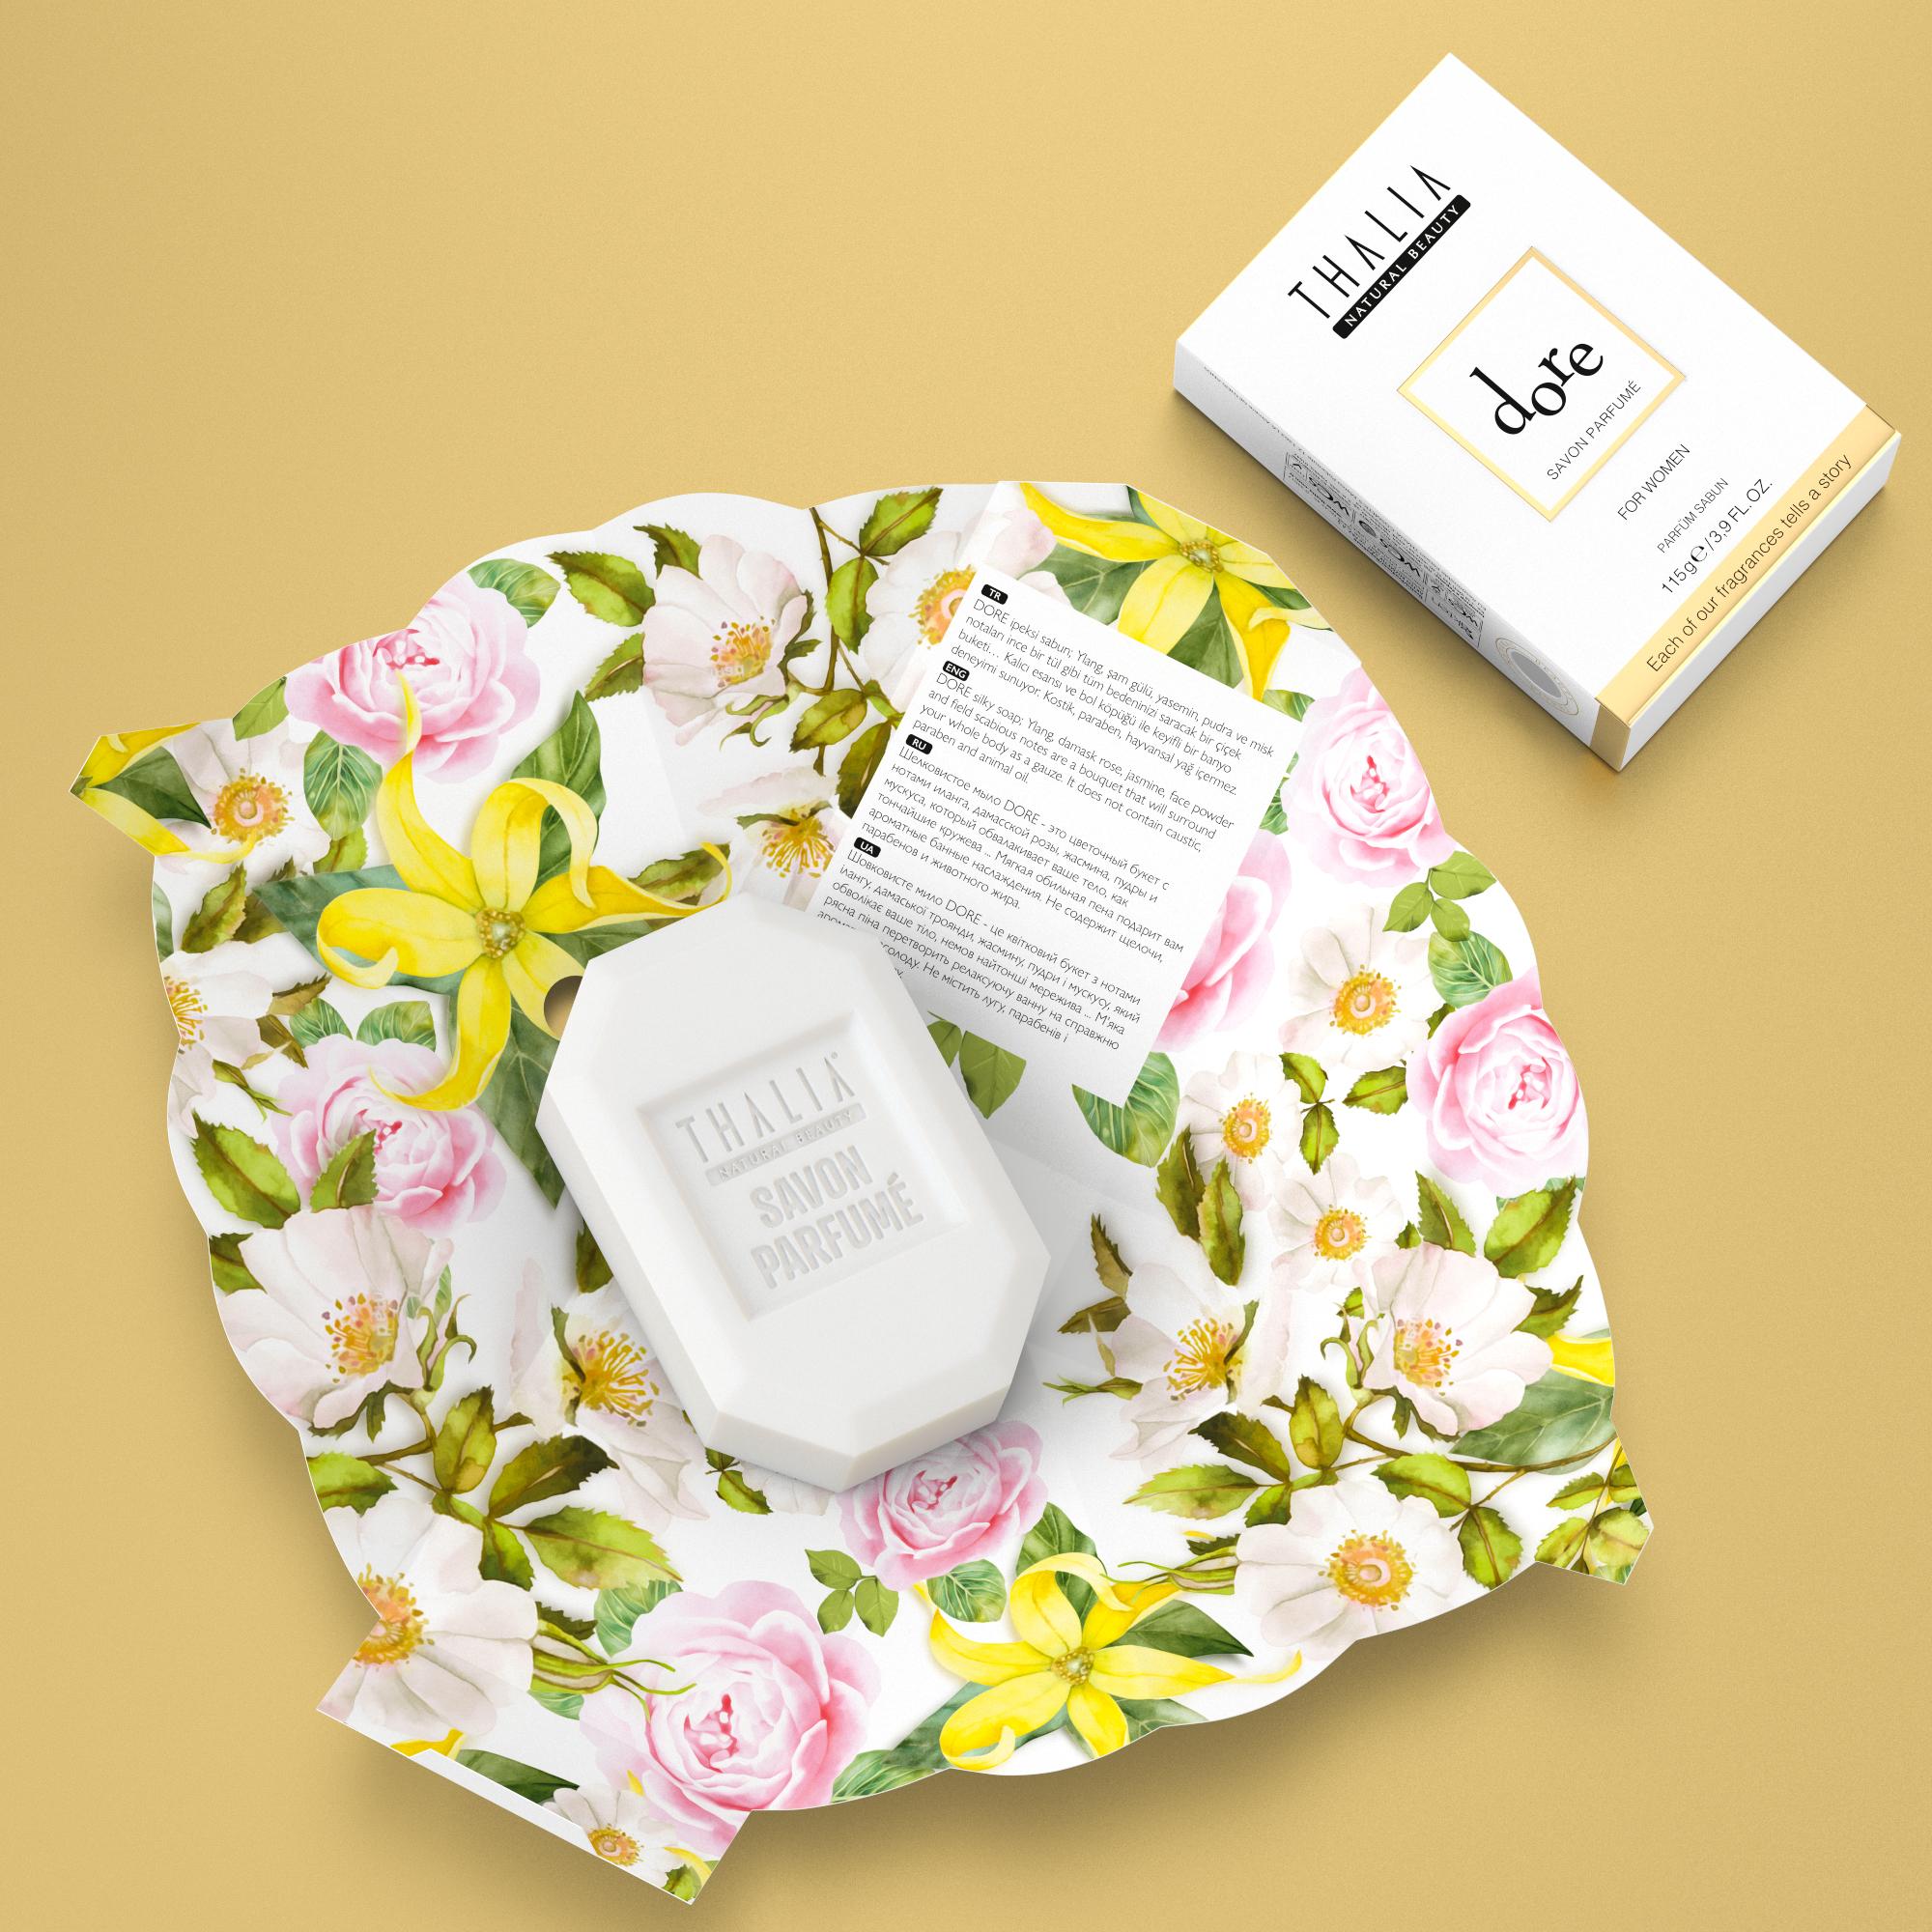 Dore Parfüm Sabun for Women - 115 gr.